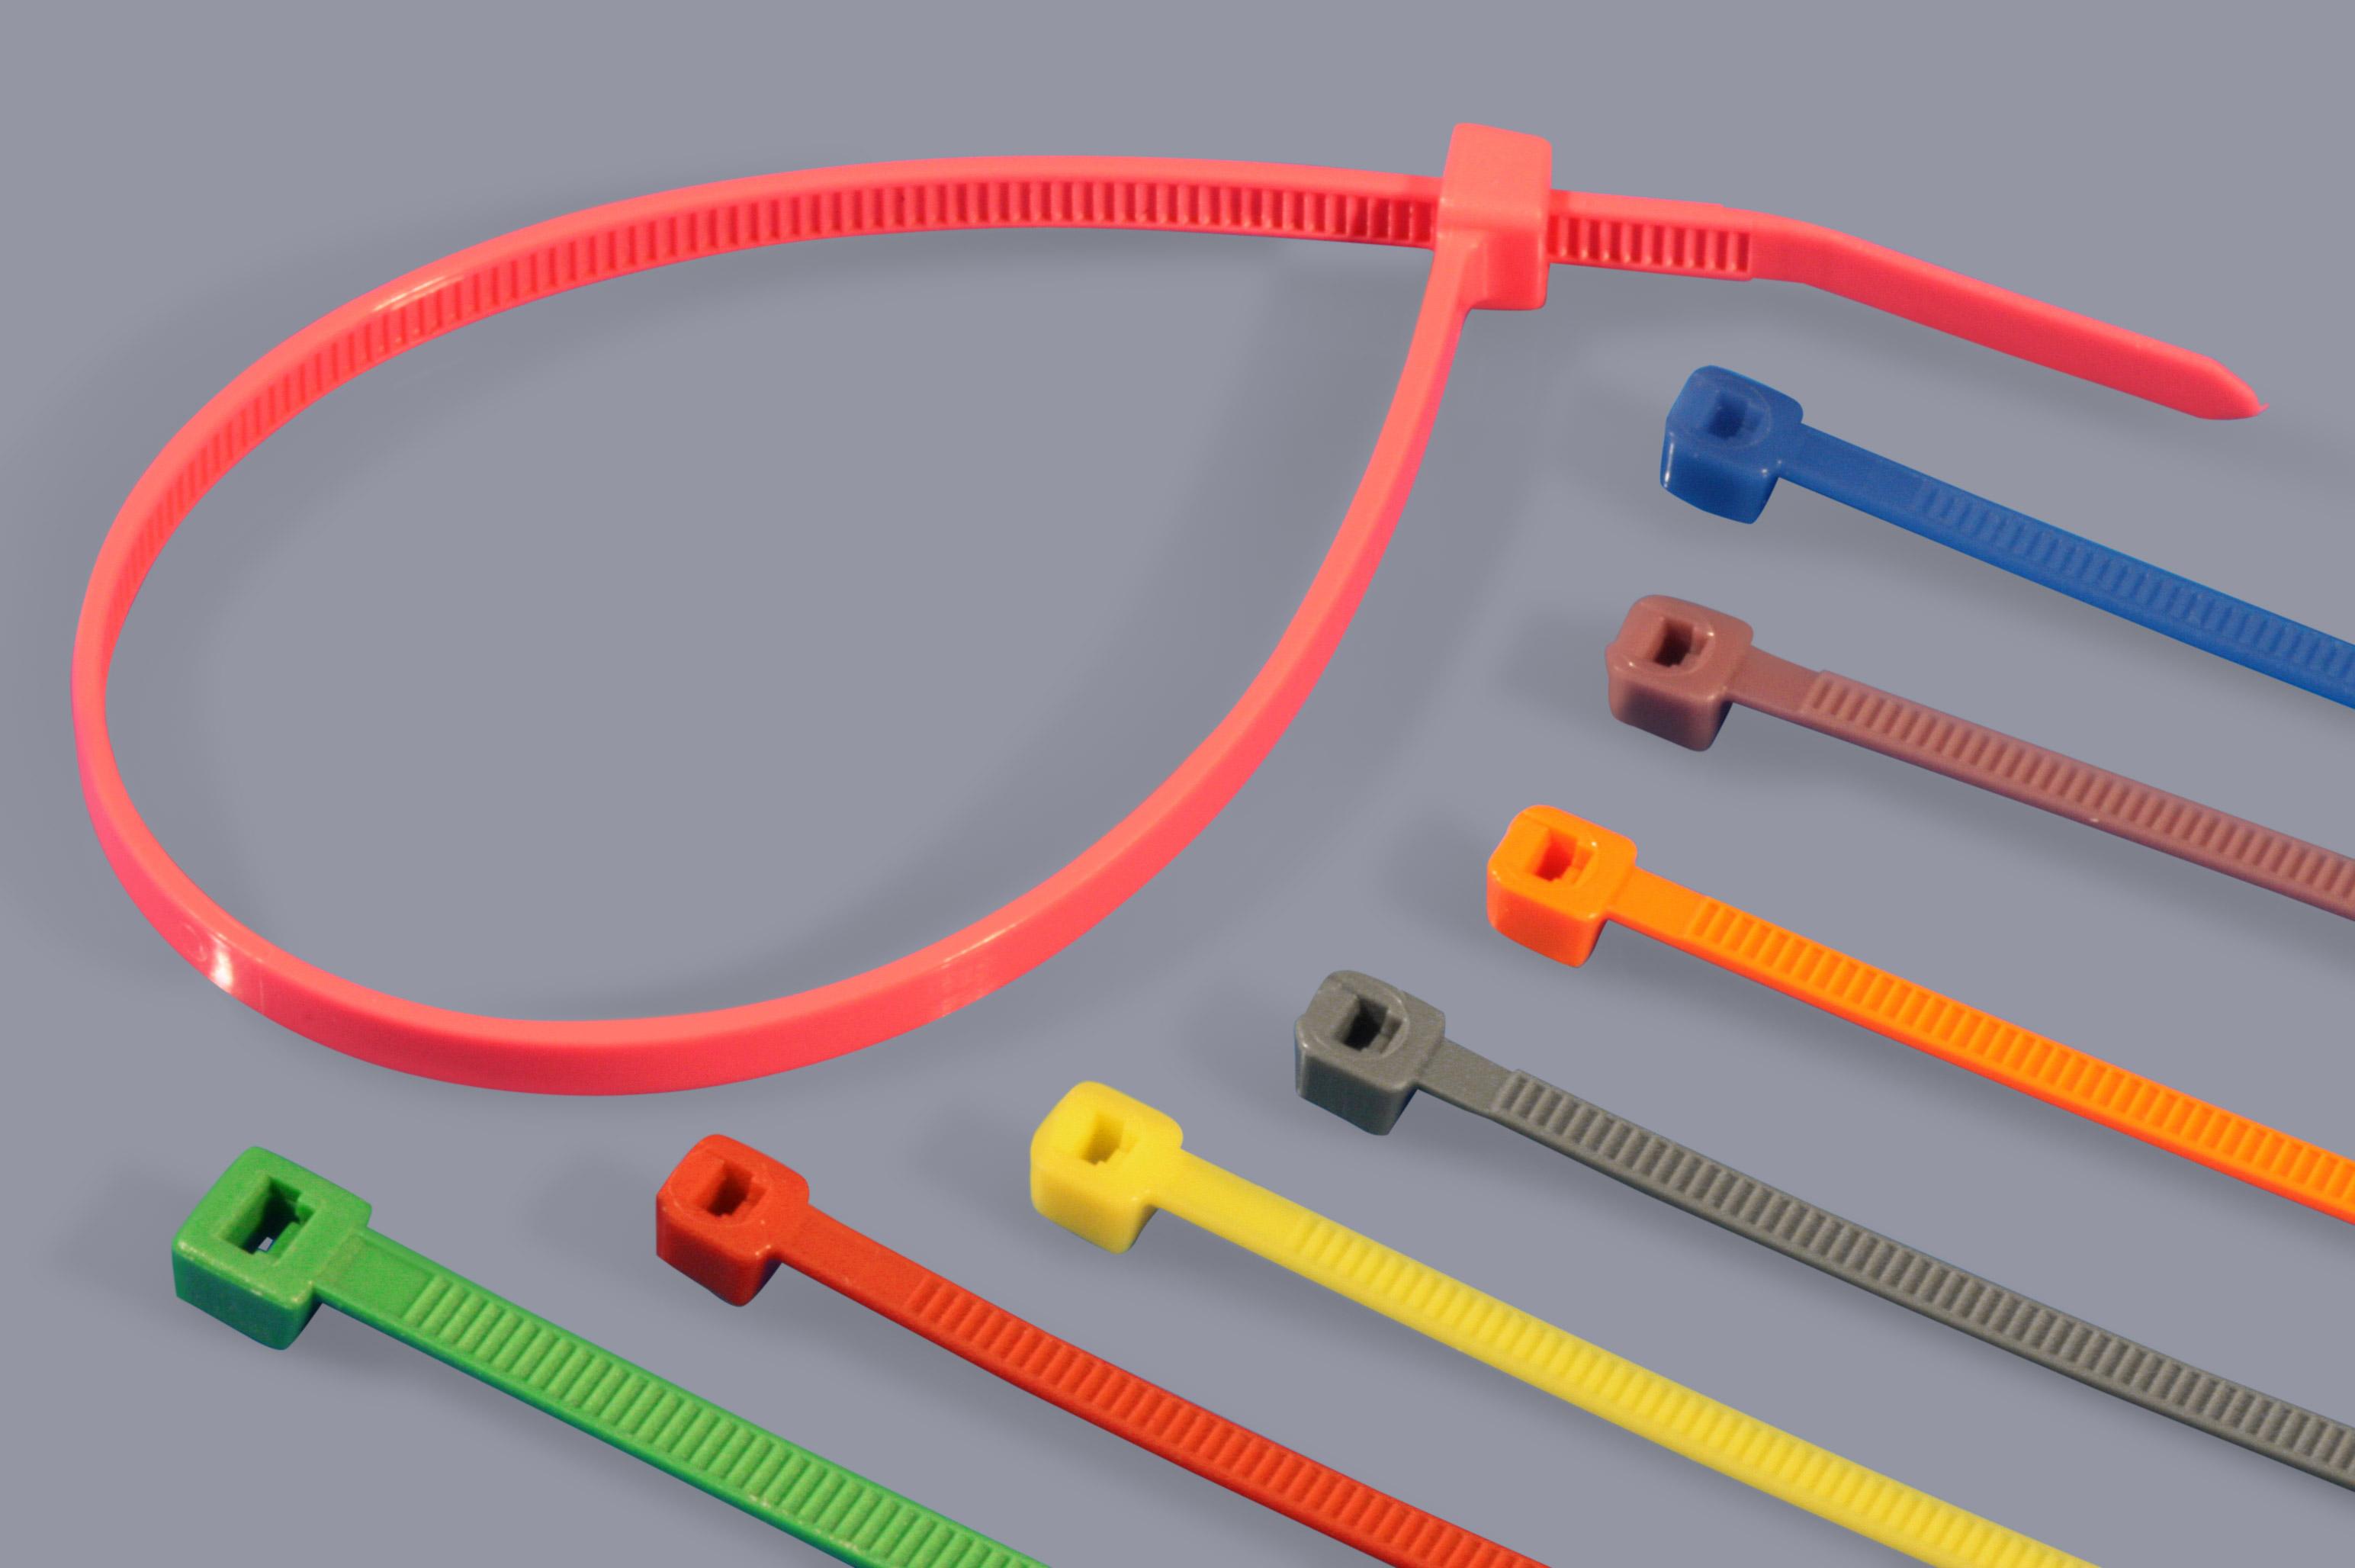 farbige kabelbinder aus kunststoff standard a r t elektromechanik. Black Bedroom Furniture Sets. Home Design Ideas